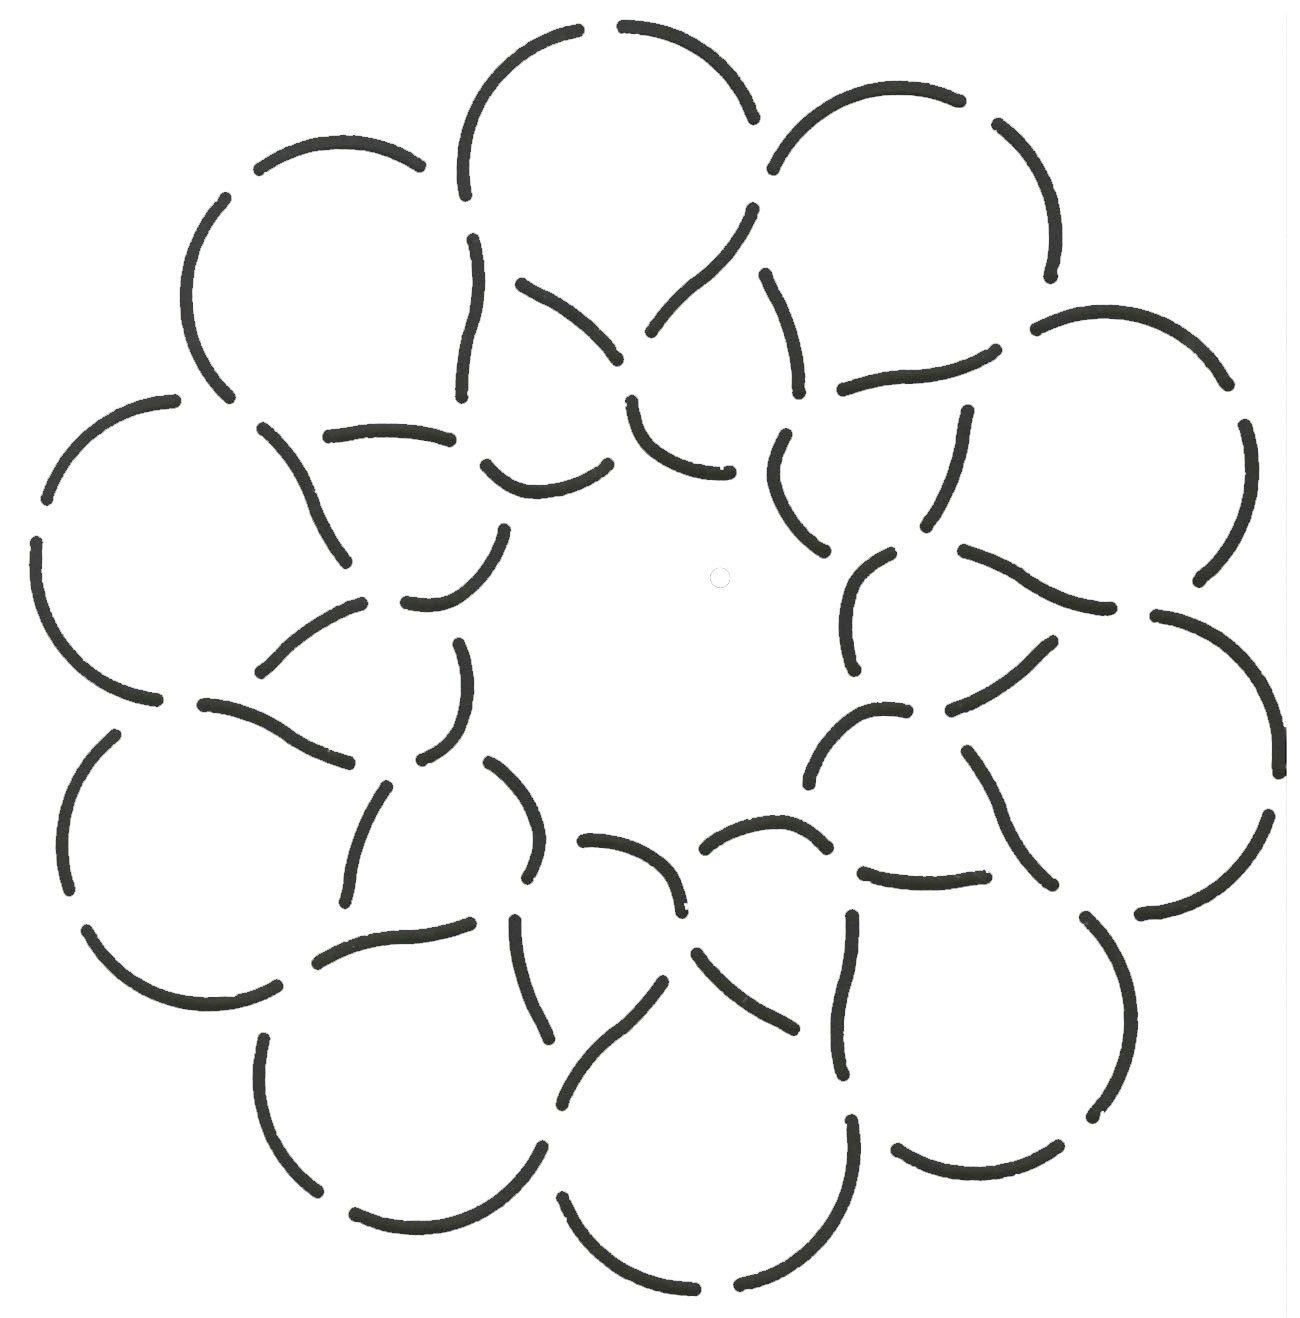 Quilting Creations Circular Petals Quilt Stencil